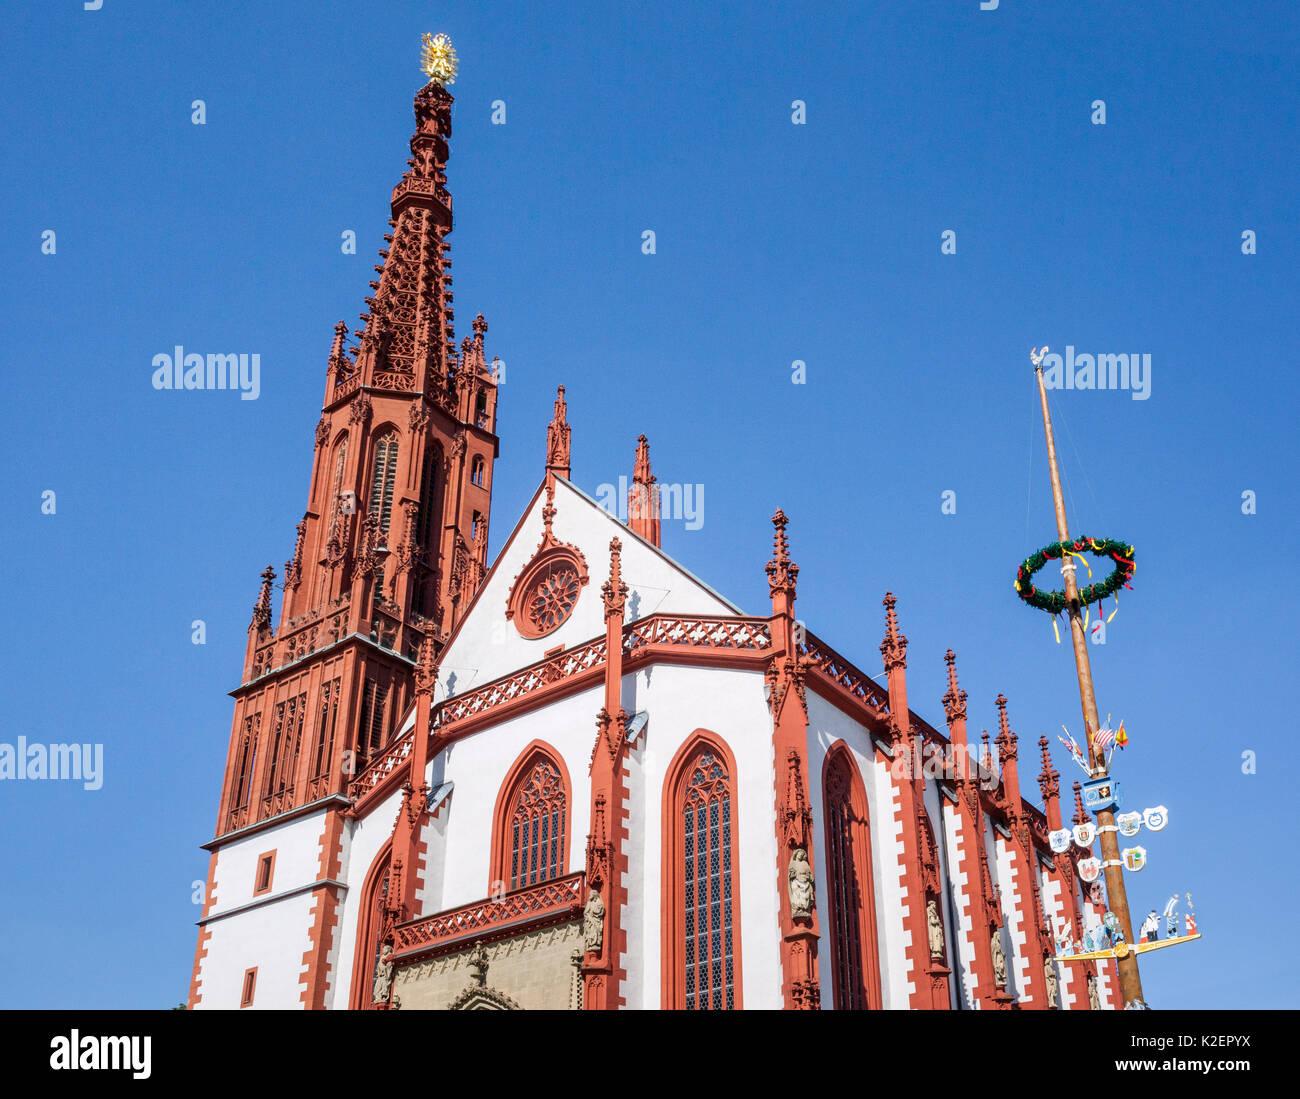 Deutschland, Bayern, Franken, Maibaum (Maibaum) an der Marienkapelle aus dem 14. Jahrhundert (St. Mary's) gotische Kirche auf dem Würzburger Marktplatz Stockbild